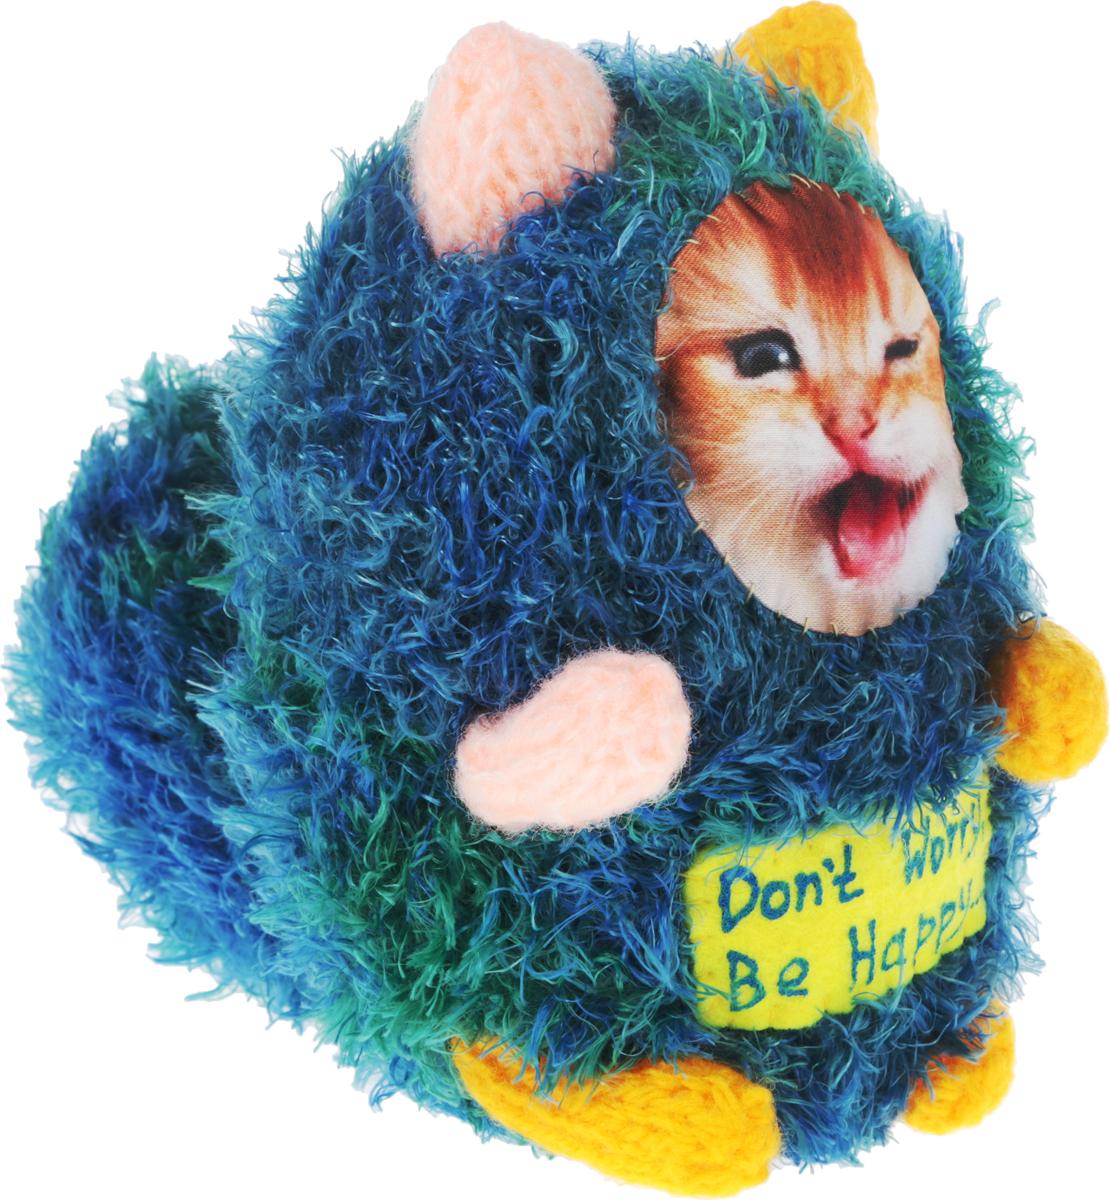 Мягкая игрушка Бюро находок Котик. Don't Worry, Be Happy…, цвет: голубой, зеленый, желтый, 15 см рюмка бюро находок сними напряжение цвет прозрачный